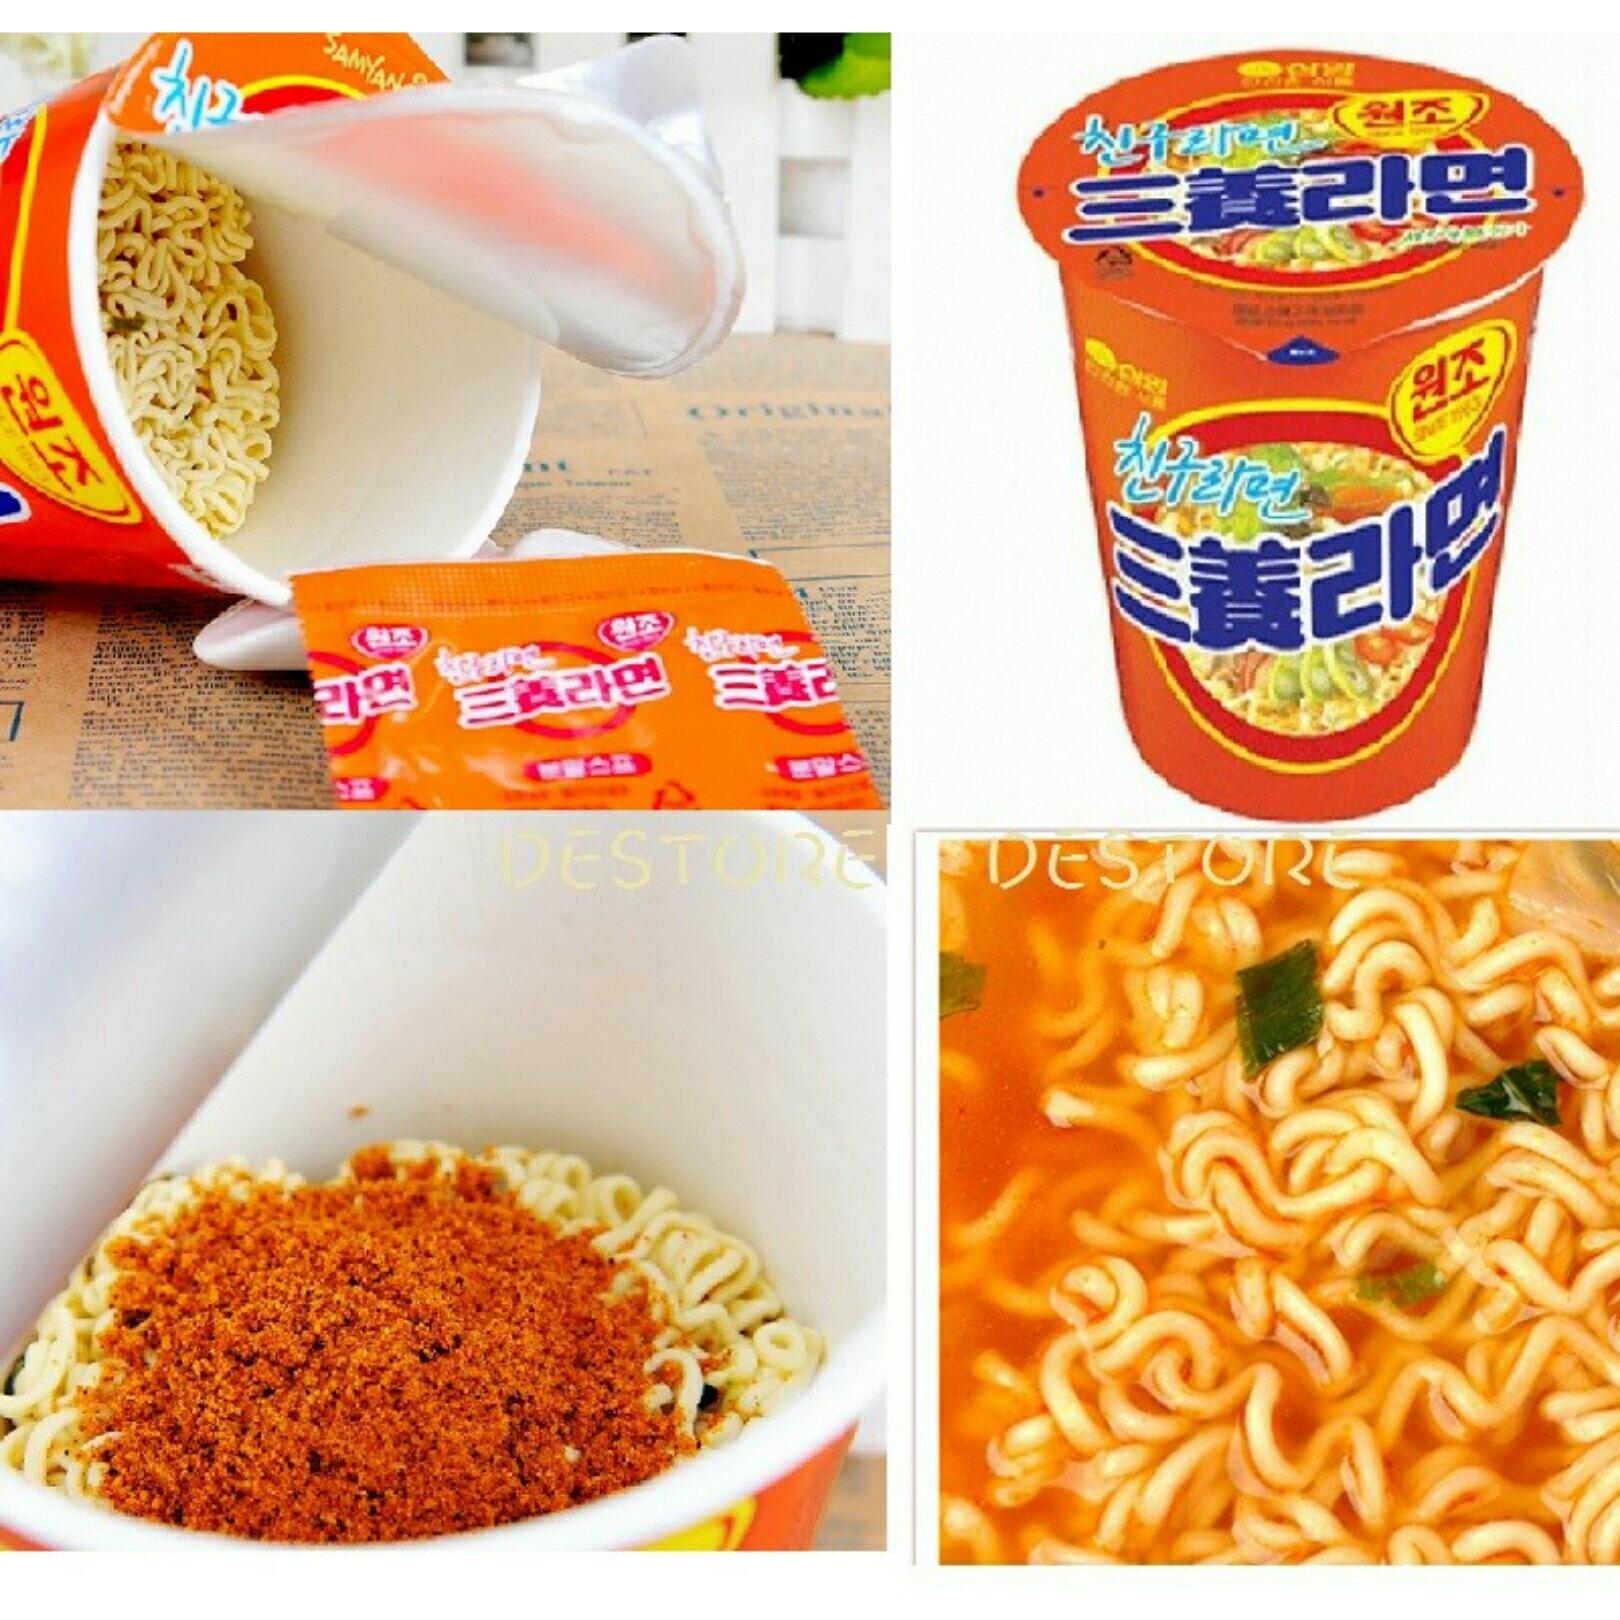 有樂町進口食品 韓國 SAMYANG 三養 元祖拉麵 杯麵 韓國少女時代 代言 8801073102743 0